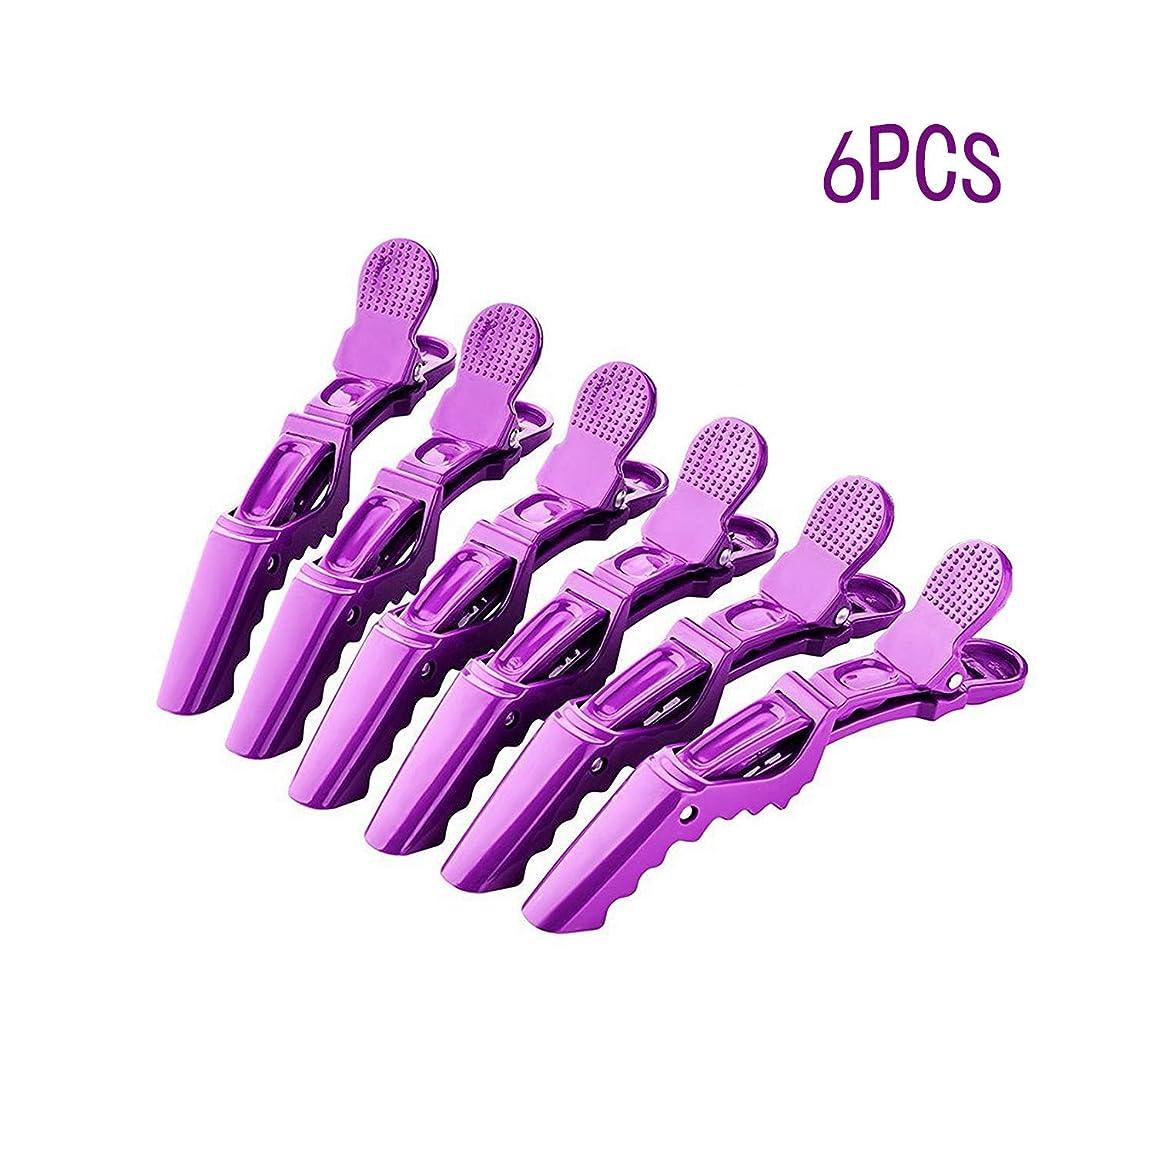 ヒョウ思春期のミンチセクショニング ドラゴンクリップ ヘアピン スタイリング 理髪 サロン 6個 (パープル)